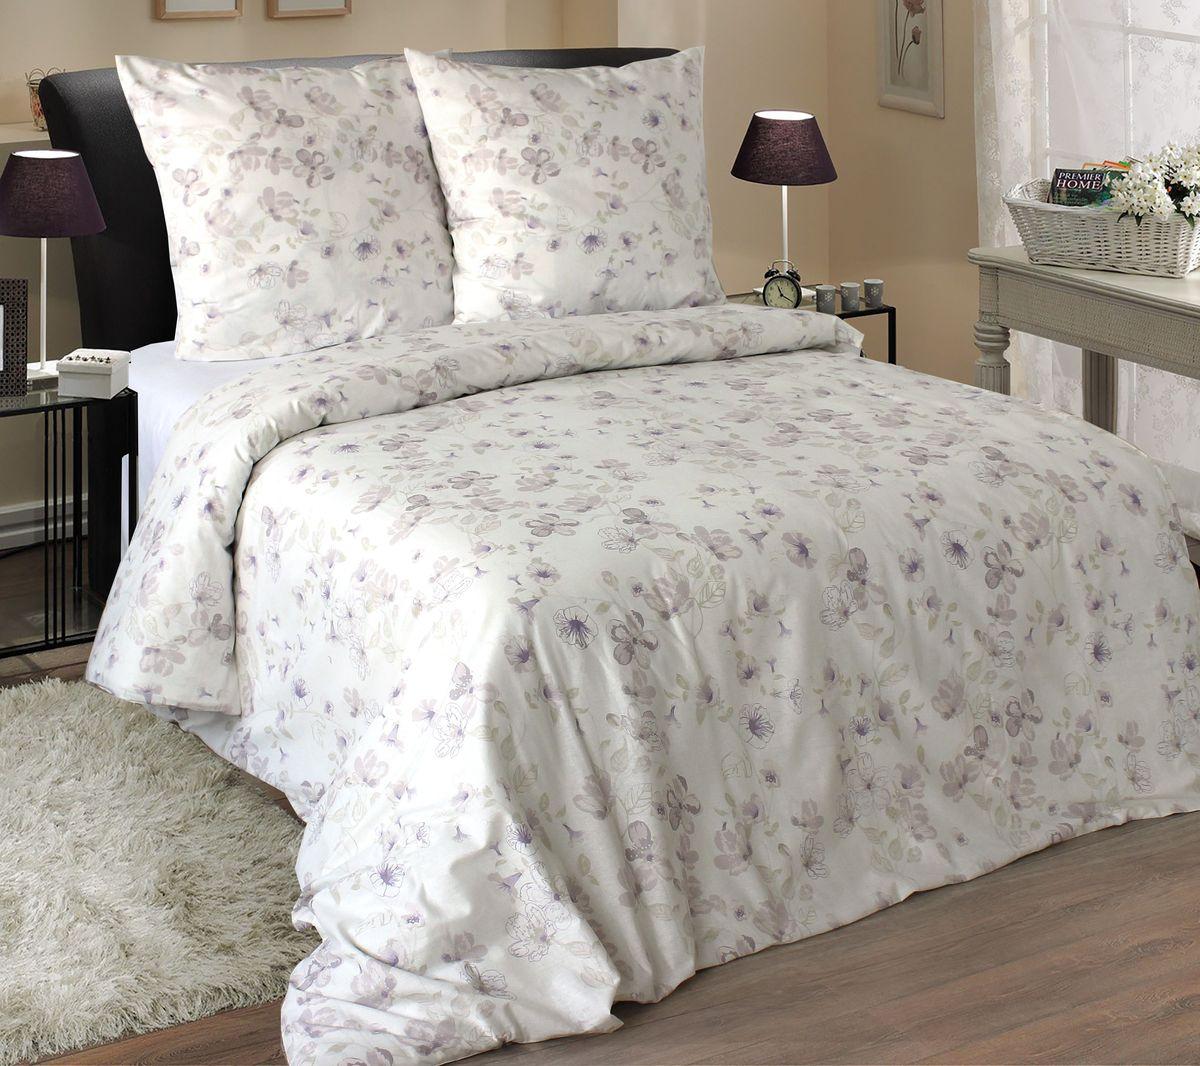 Комплект белья Коллекция Эмили 2, 2-спальный, наволочки 50x70. ПРКЛ2/50/ОЗ/эми2ПРКЛ2/50/ОЗ/эми2